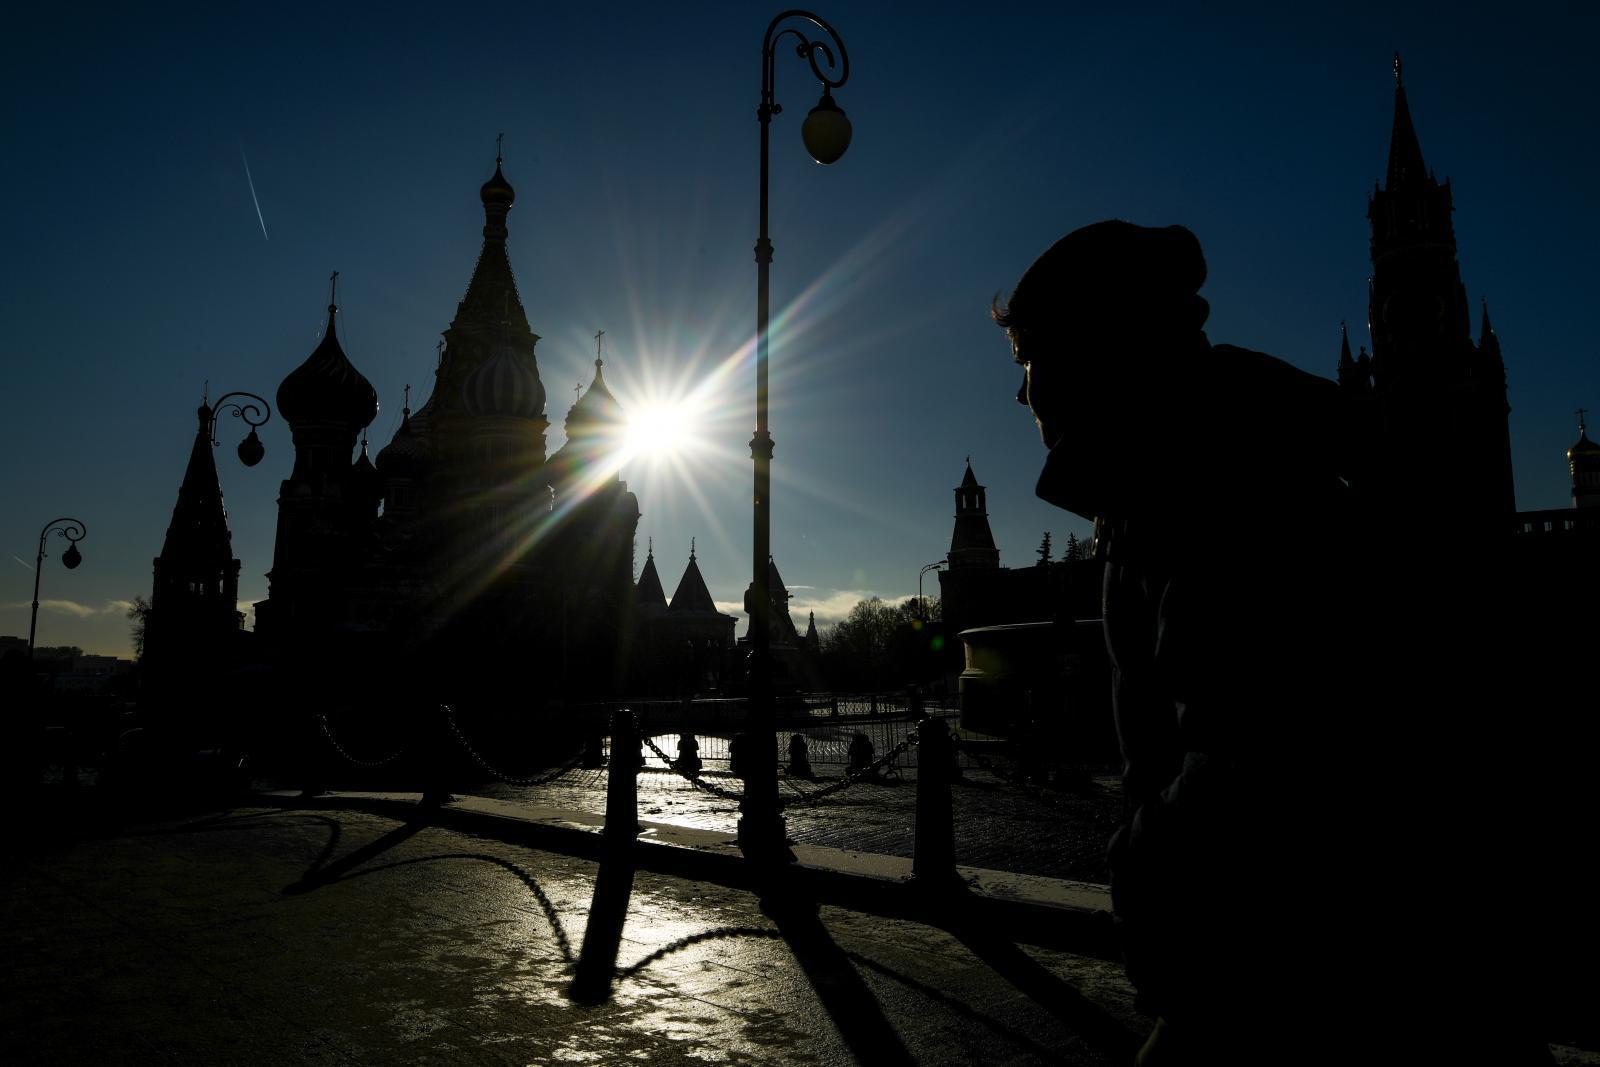 รัสเซียร้อนทุบสถิติ-ใช้หิมะเทียมสร้างบรรยากาศรับปีใหม่